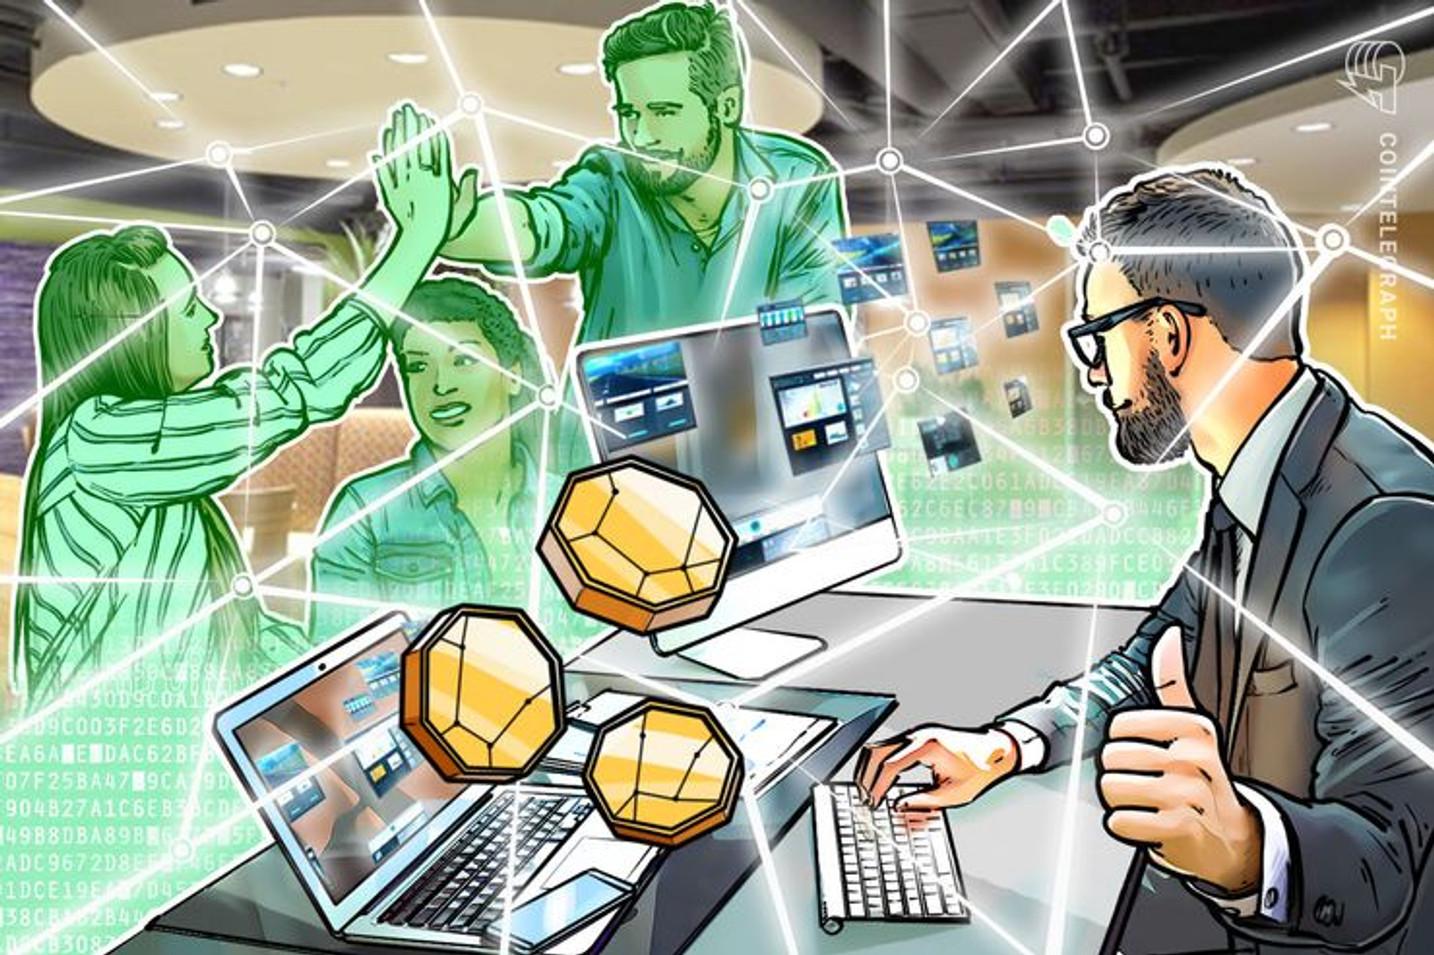 Colombia: Ecosistema blockchain de Medellín maneja su propio token, llamado Rutanio